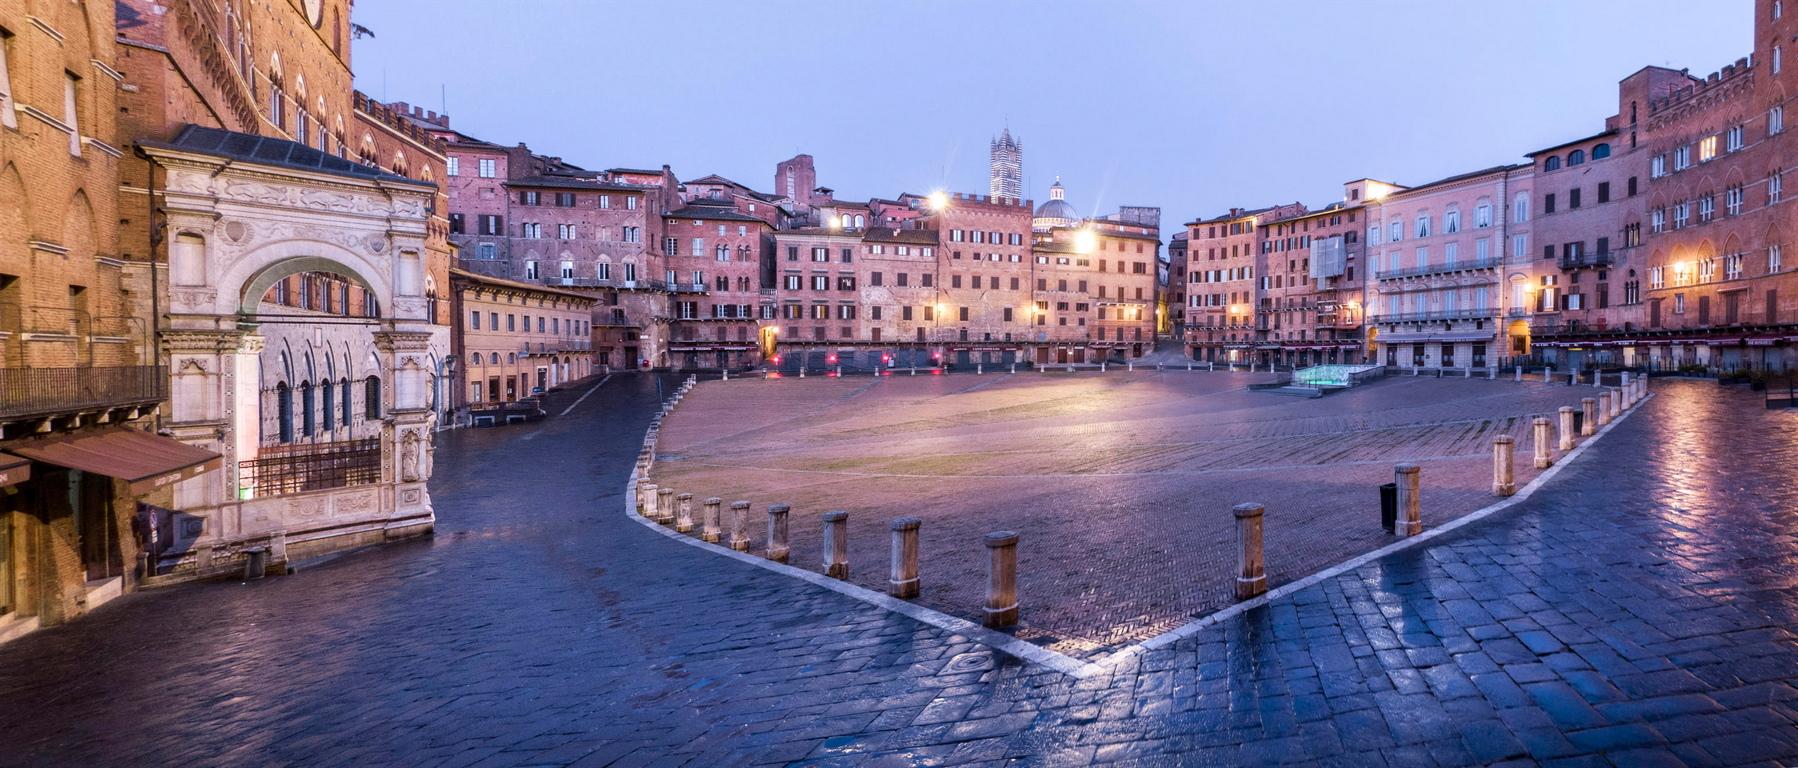 <p>В центъра на Сиена се намират две от емблемите на града, а именно - Площадът Пиаца дел Кампо и Палацо Публико.</p>